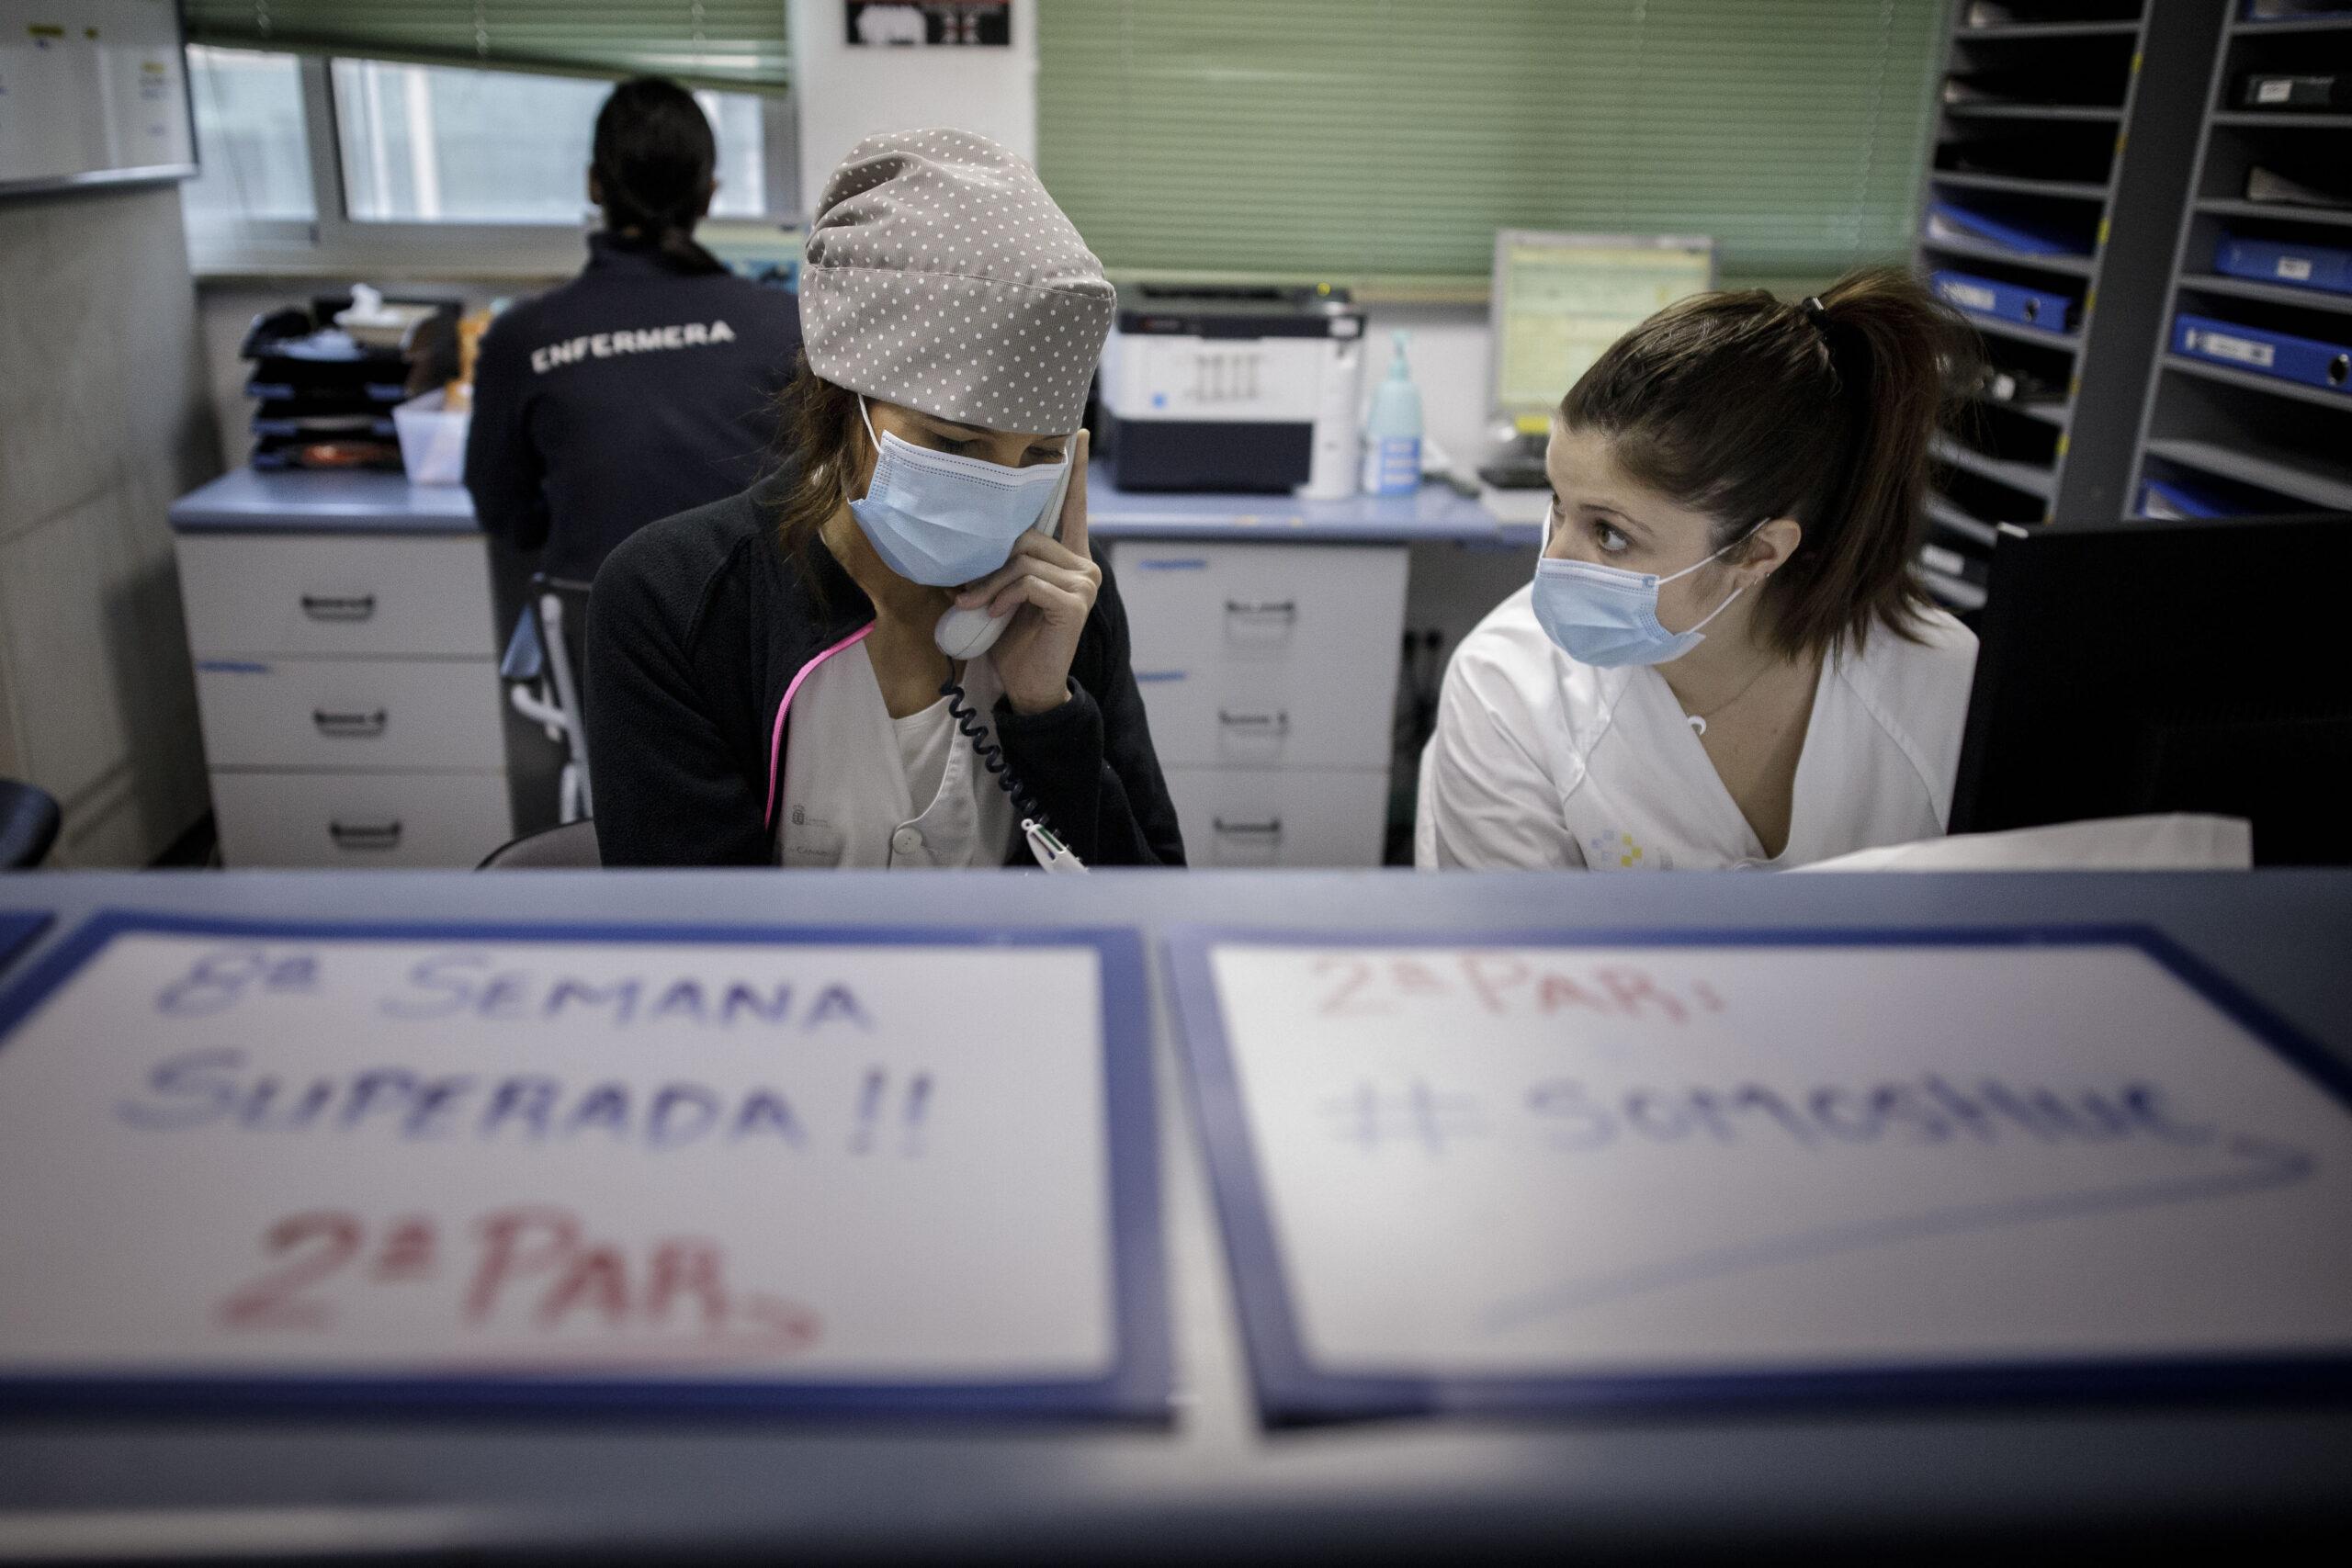 Mención de Honor. Categoría: Sociedad (Serie). Unas enfermeras atienden al teléfono en el control de enfermería de la planta 2ª PAR del Hospital Universitario de Canarias, donde están hospitalizados pacientes con Covid-19. Ramón de la Rocha